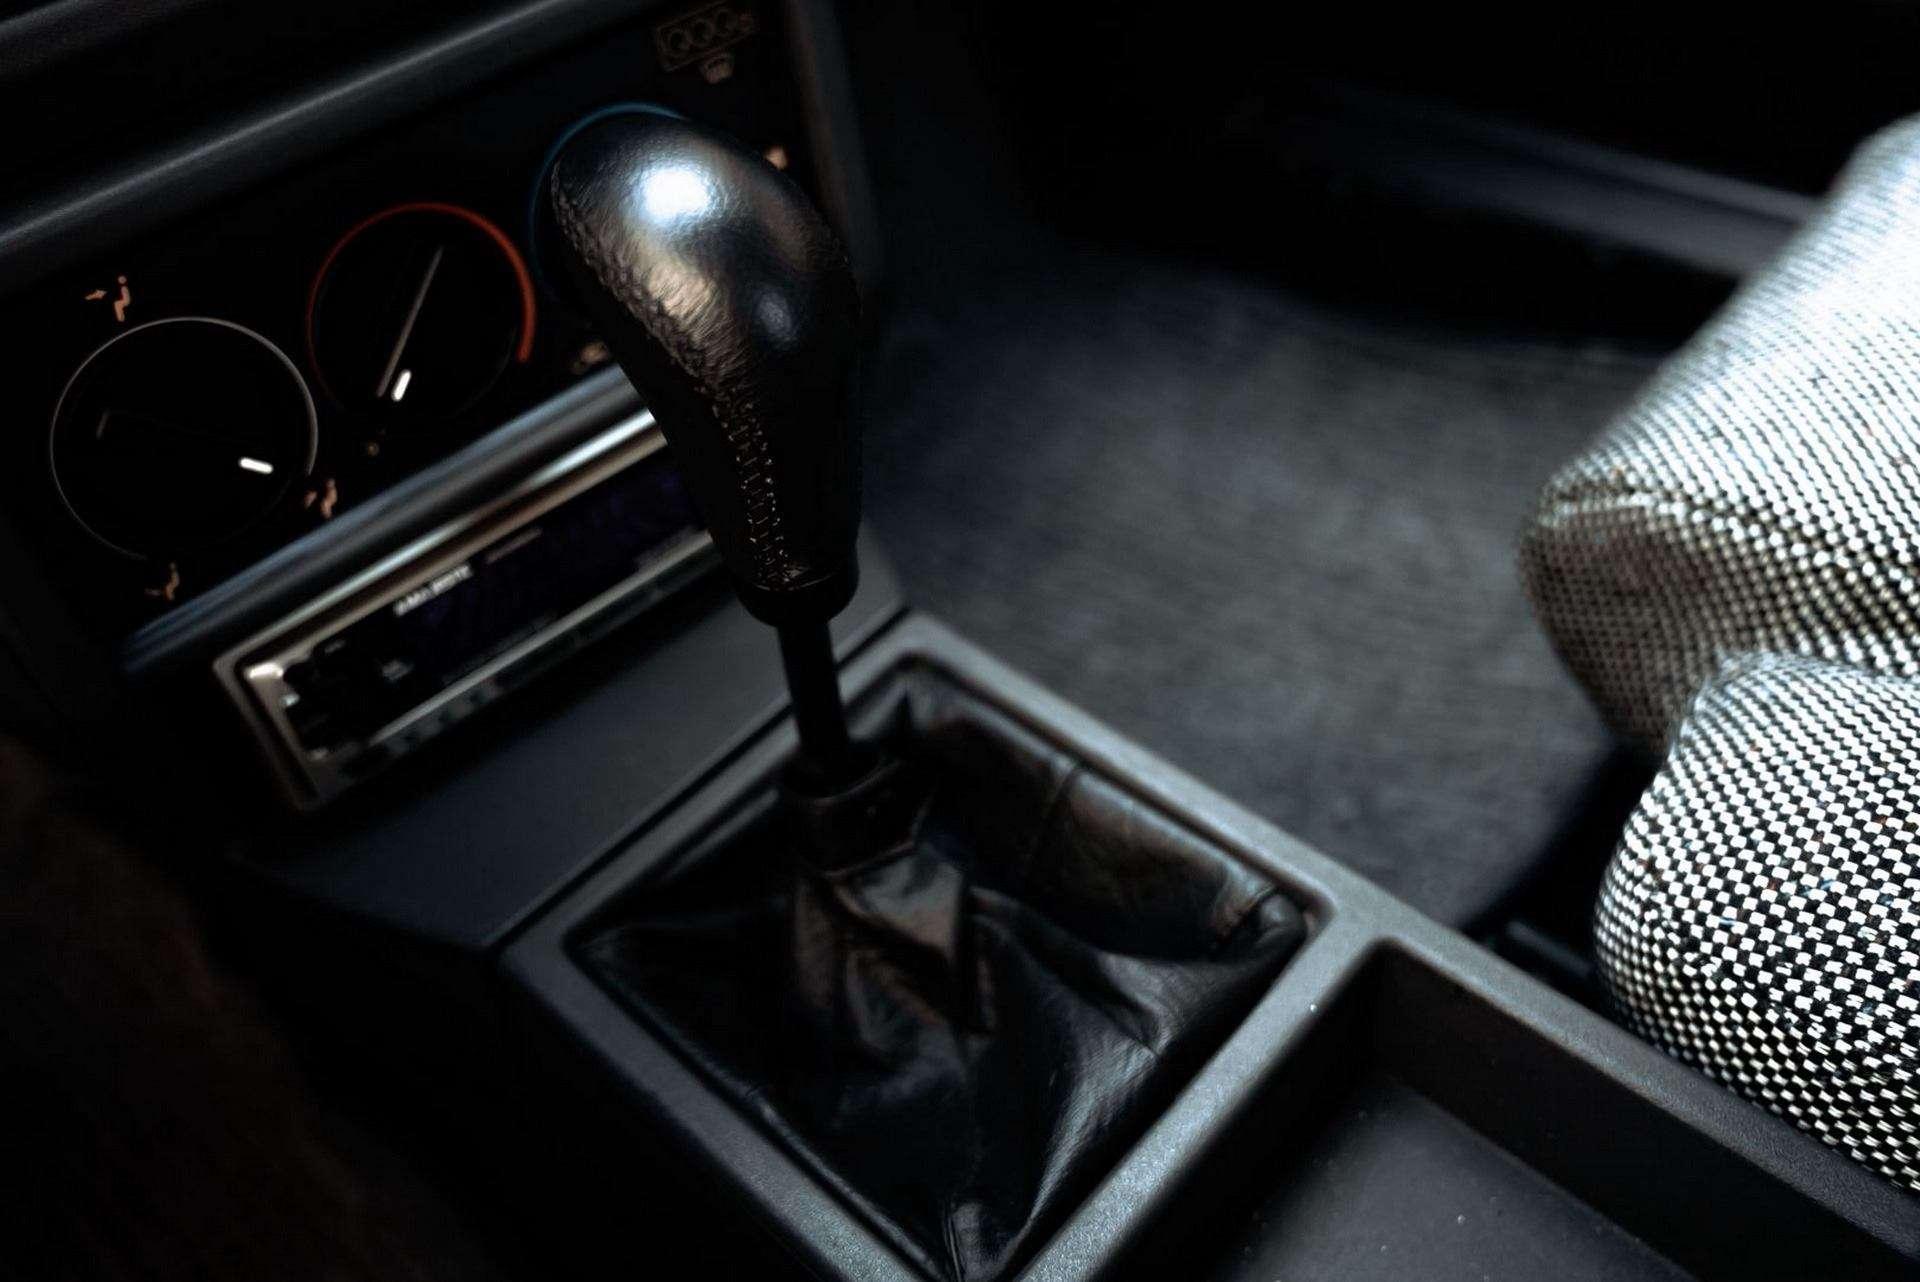 1987_Alfa_Romeo_75_Turbo_Evoluzione_sale-0031